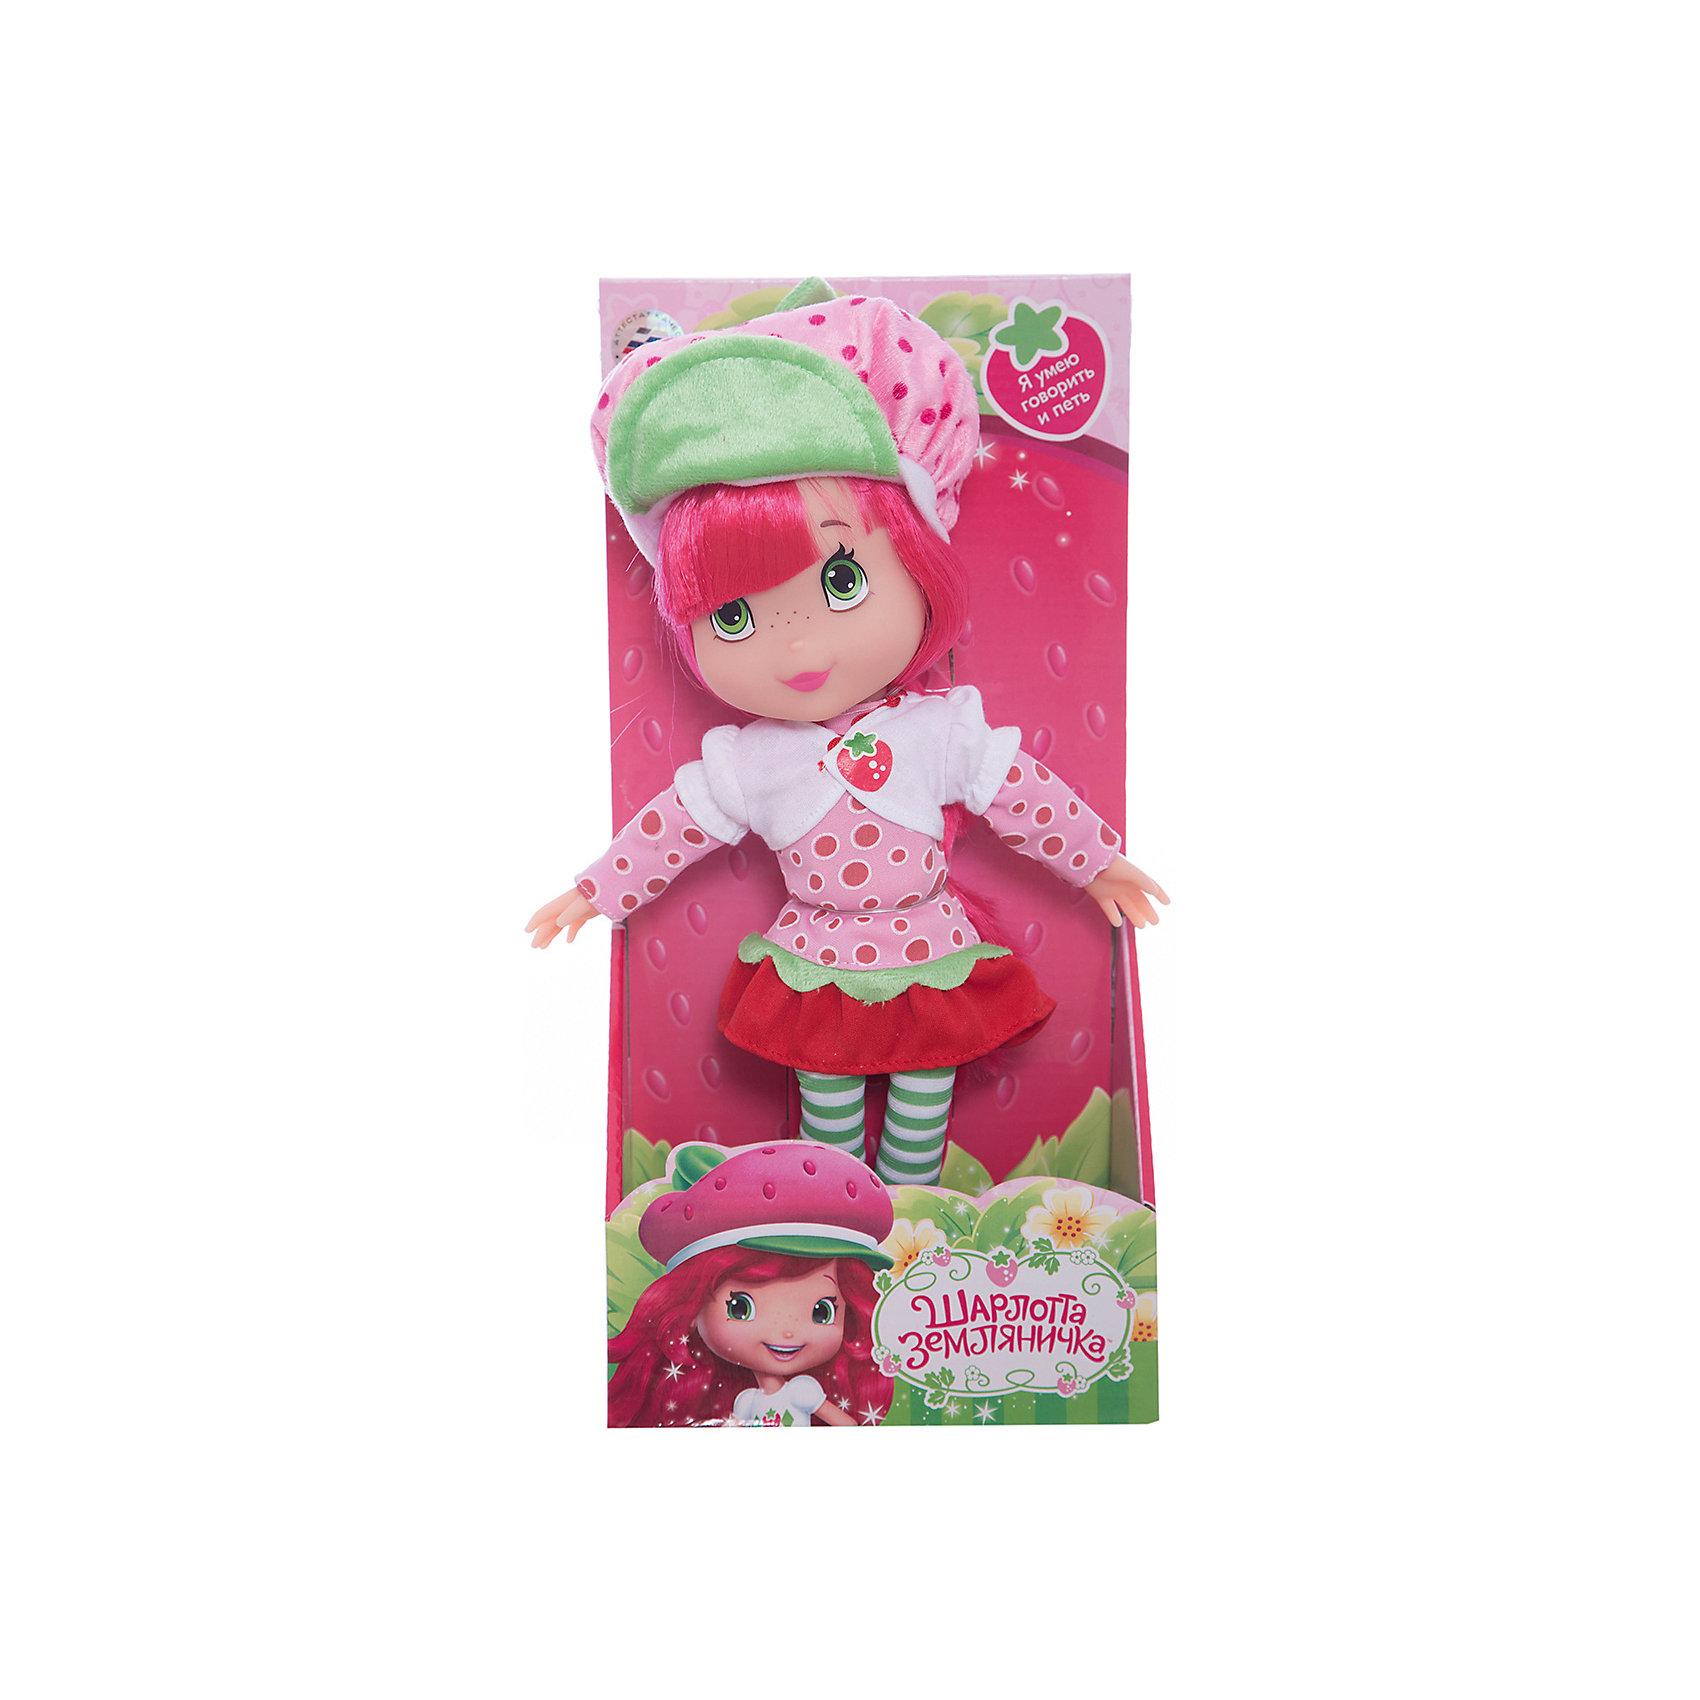 Кукла Шарлотта Земляничка, 30 см, со звуком, МУЛЬТИ-ПУЛЬТИОзвученные мягкие игрушки<br>Кукла Strawberry Shortcake со звуком от марки МУЛЬТИ-ПУЛЬТИ<br><br>Интерактивная кукла от отечественного производителя поможет ребенку проводить время весело и с пользой. Она сделана в виде героя из известного любимого детьми мультфильма. В кукле - звуковой модуль. <br>Размер куклы универсален - 30 сантиметров, её удобно брать с собой в поездки и на прогулку. Она очень яркая, красиво одета. Сделана игрушка из качественных и безопасных для ребенка материалов: тело - мягкое, голова - пластмассовая. <br><br>Отличительные особенности игрушки:<br><br>- материал: текстиль, наполнитель, пластик, металл;<br>- звуковой модуль;<br>- работает на батарейках;<br>- упаковка: коробка;<br>- высота: 30 см.<br><br>Куклу Strawberry Shortcake со звуком от марки МУЛЬТИ-ПУЛЬТИ можно купить в нашем магазине.<br><br>Ширина мм: 660<br>Глубина мм: 770<br>Высота мм: 410<br>Вес г: 500<br>Возраст от месяцев: 36<br>Возраст до месяцев: 84<br>Пол: Женский<br>Возраст: Детский<br>SKU: 4659500